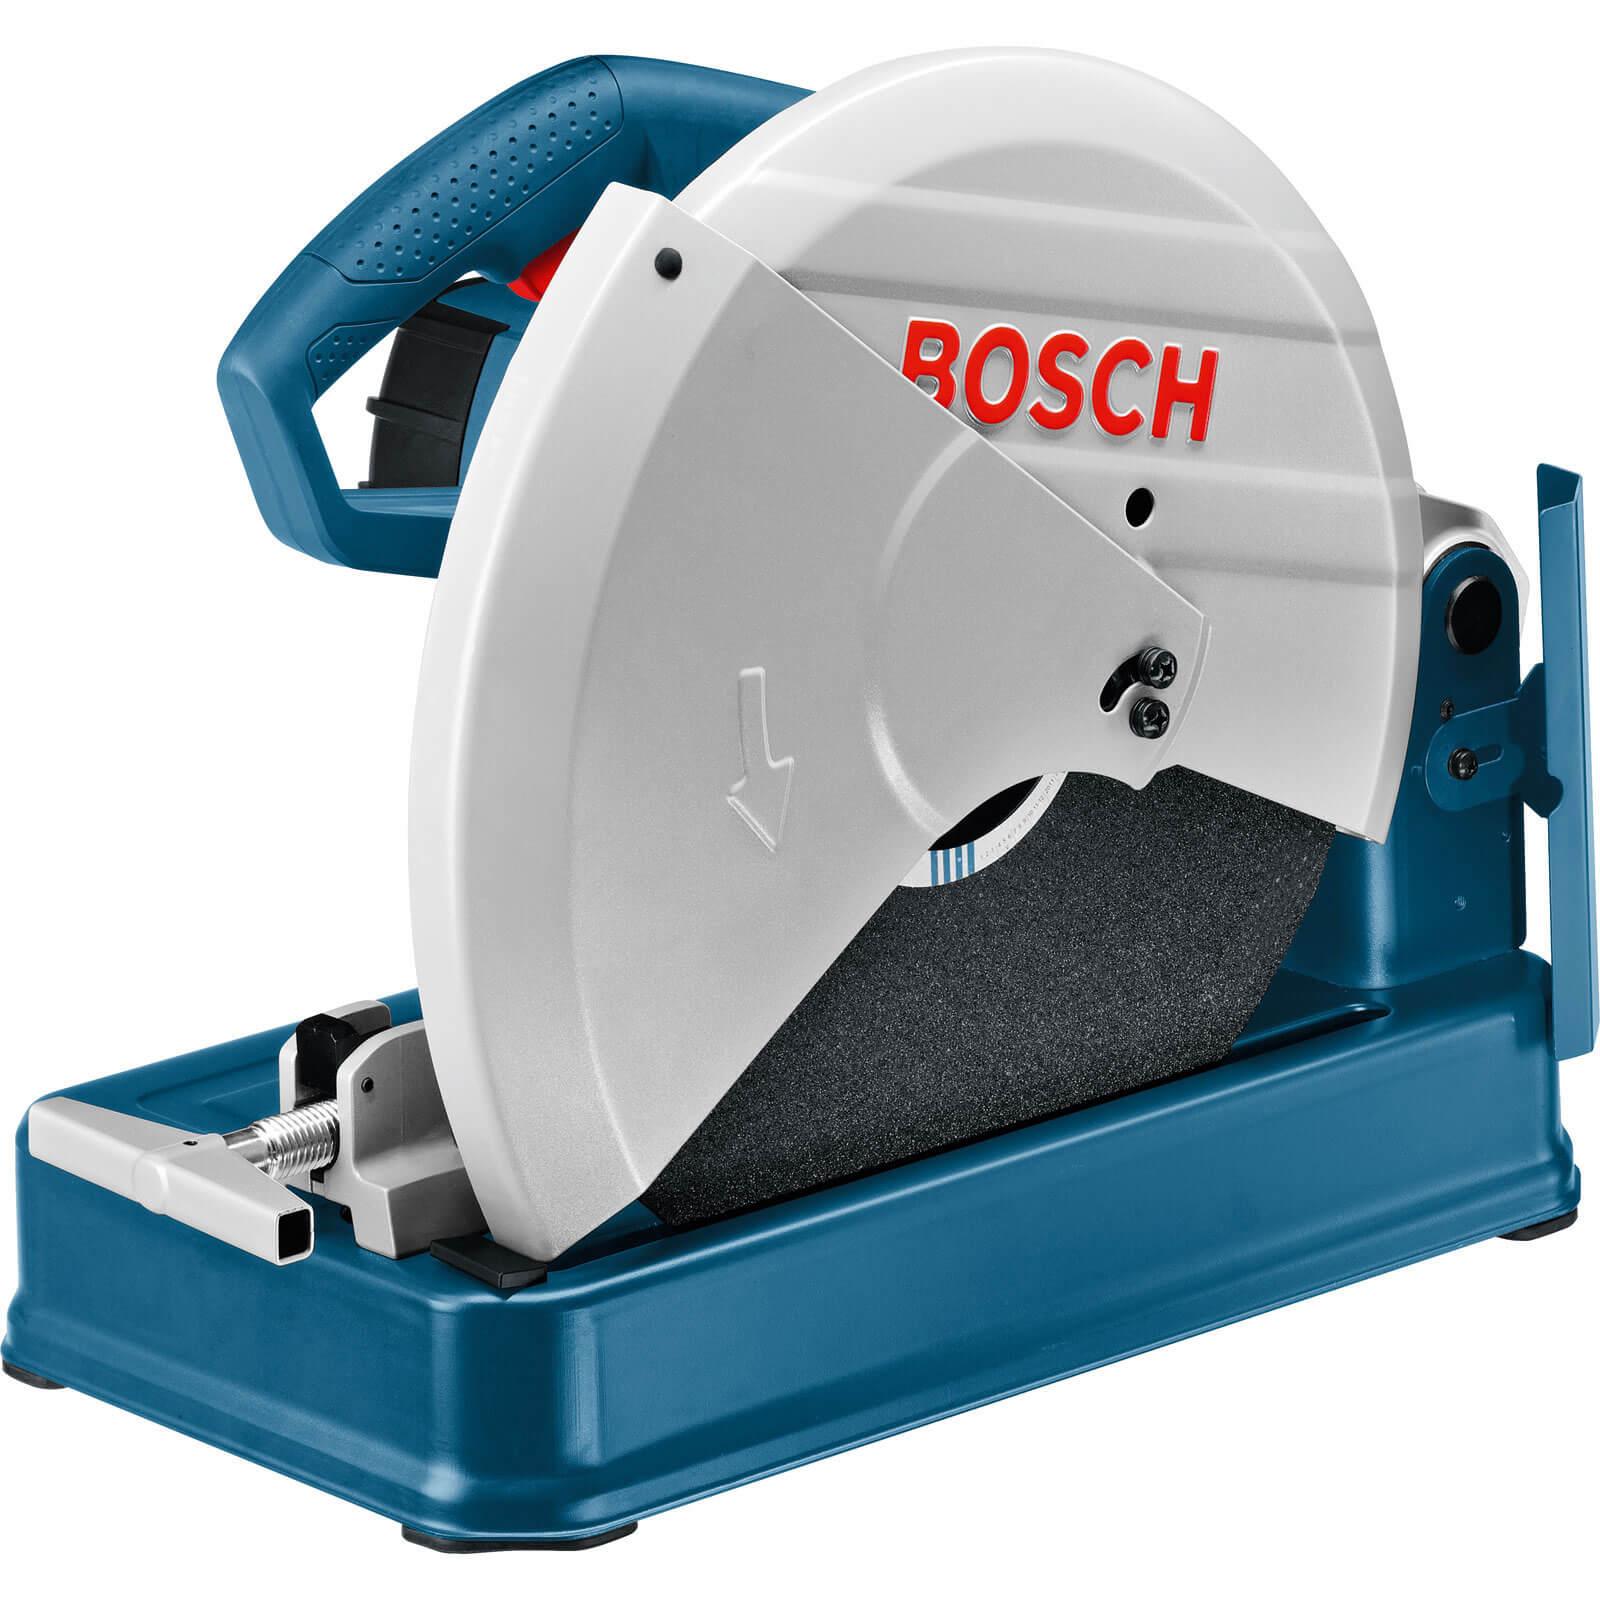 Bosch GCO 2000 Metal Chop Saw 355mm Blade 2000w 240v